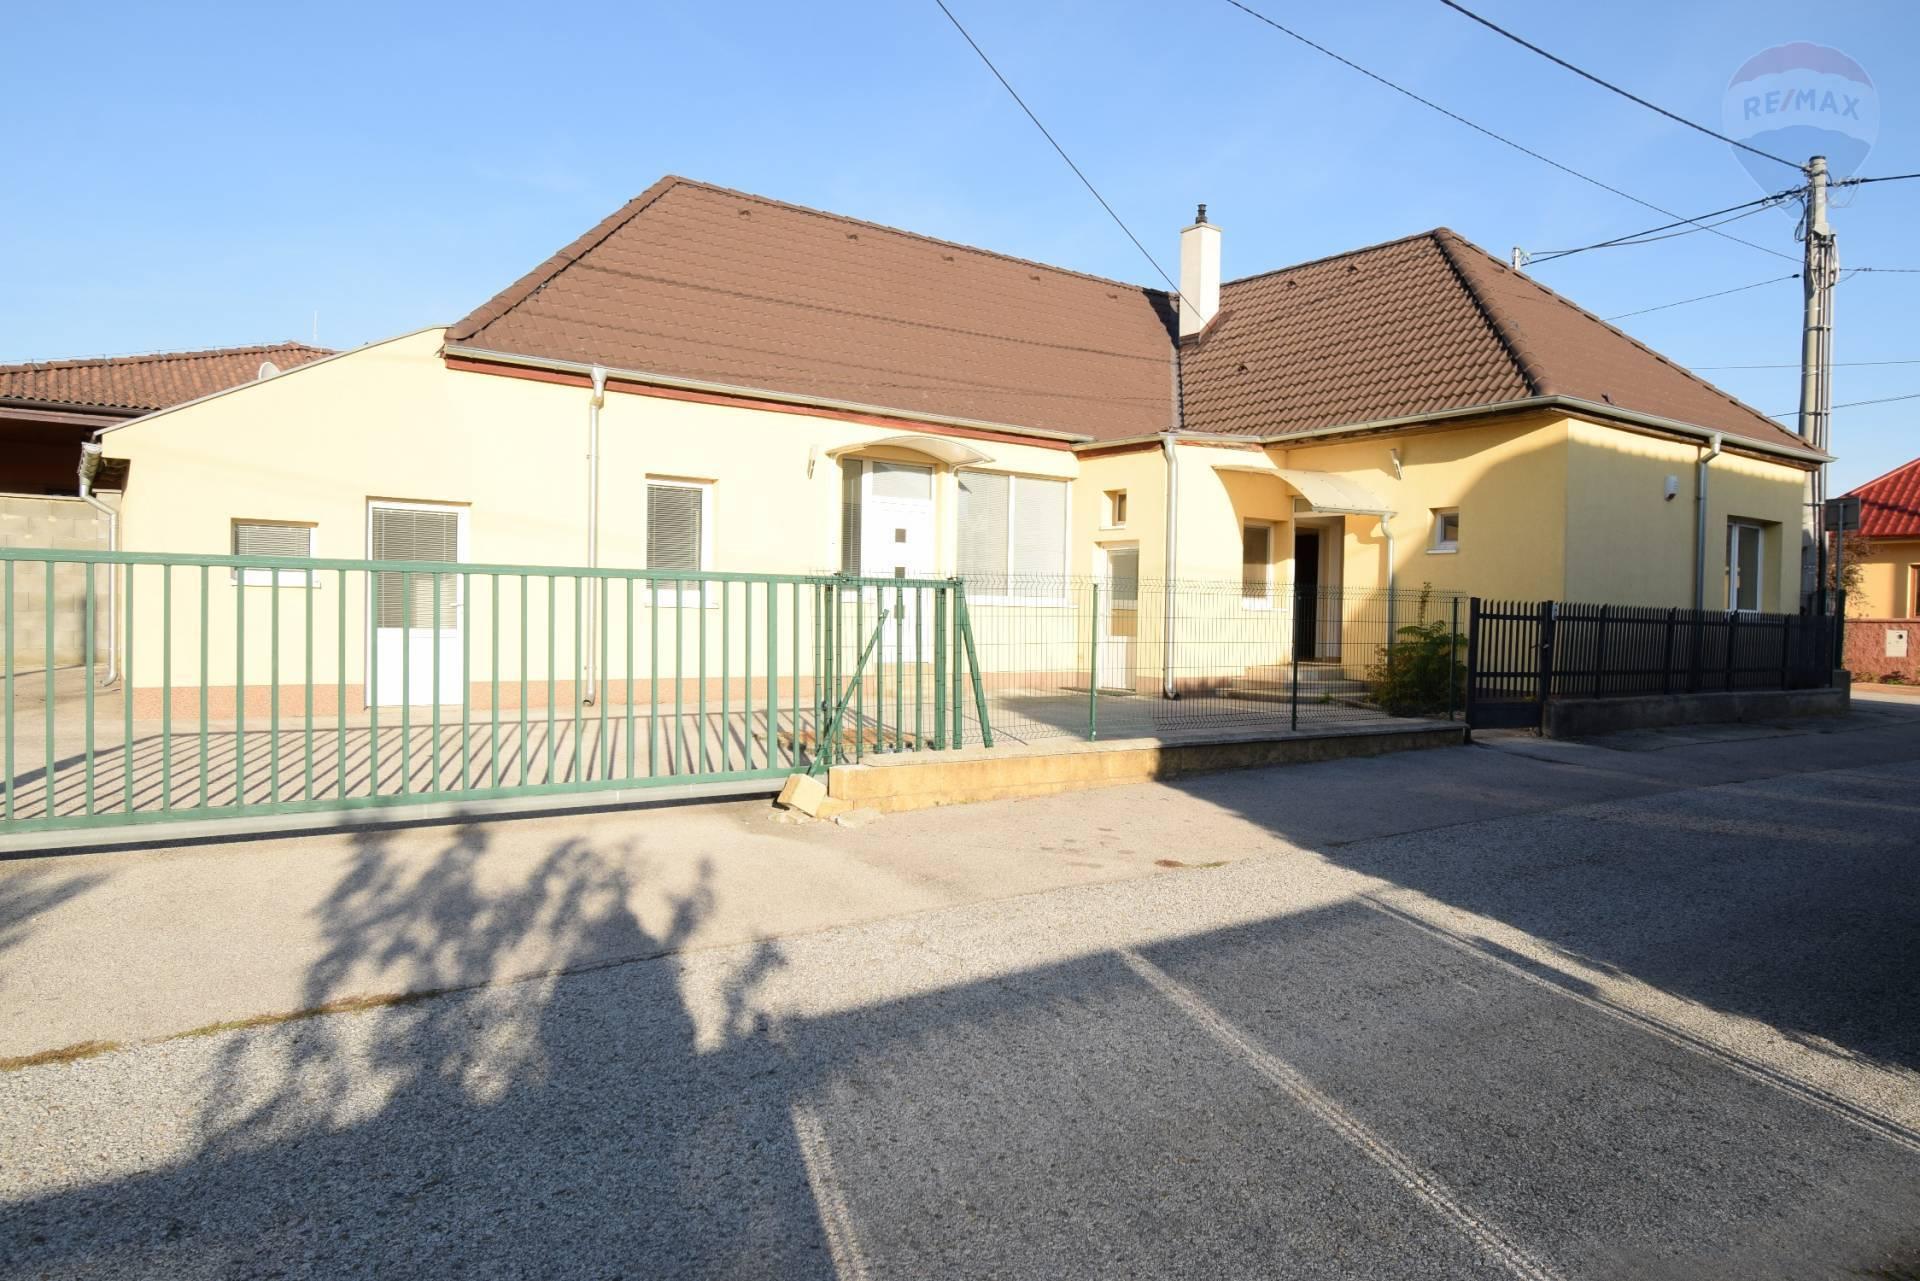 Predaj RD Chrenová na sídlo firmy v Nitre